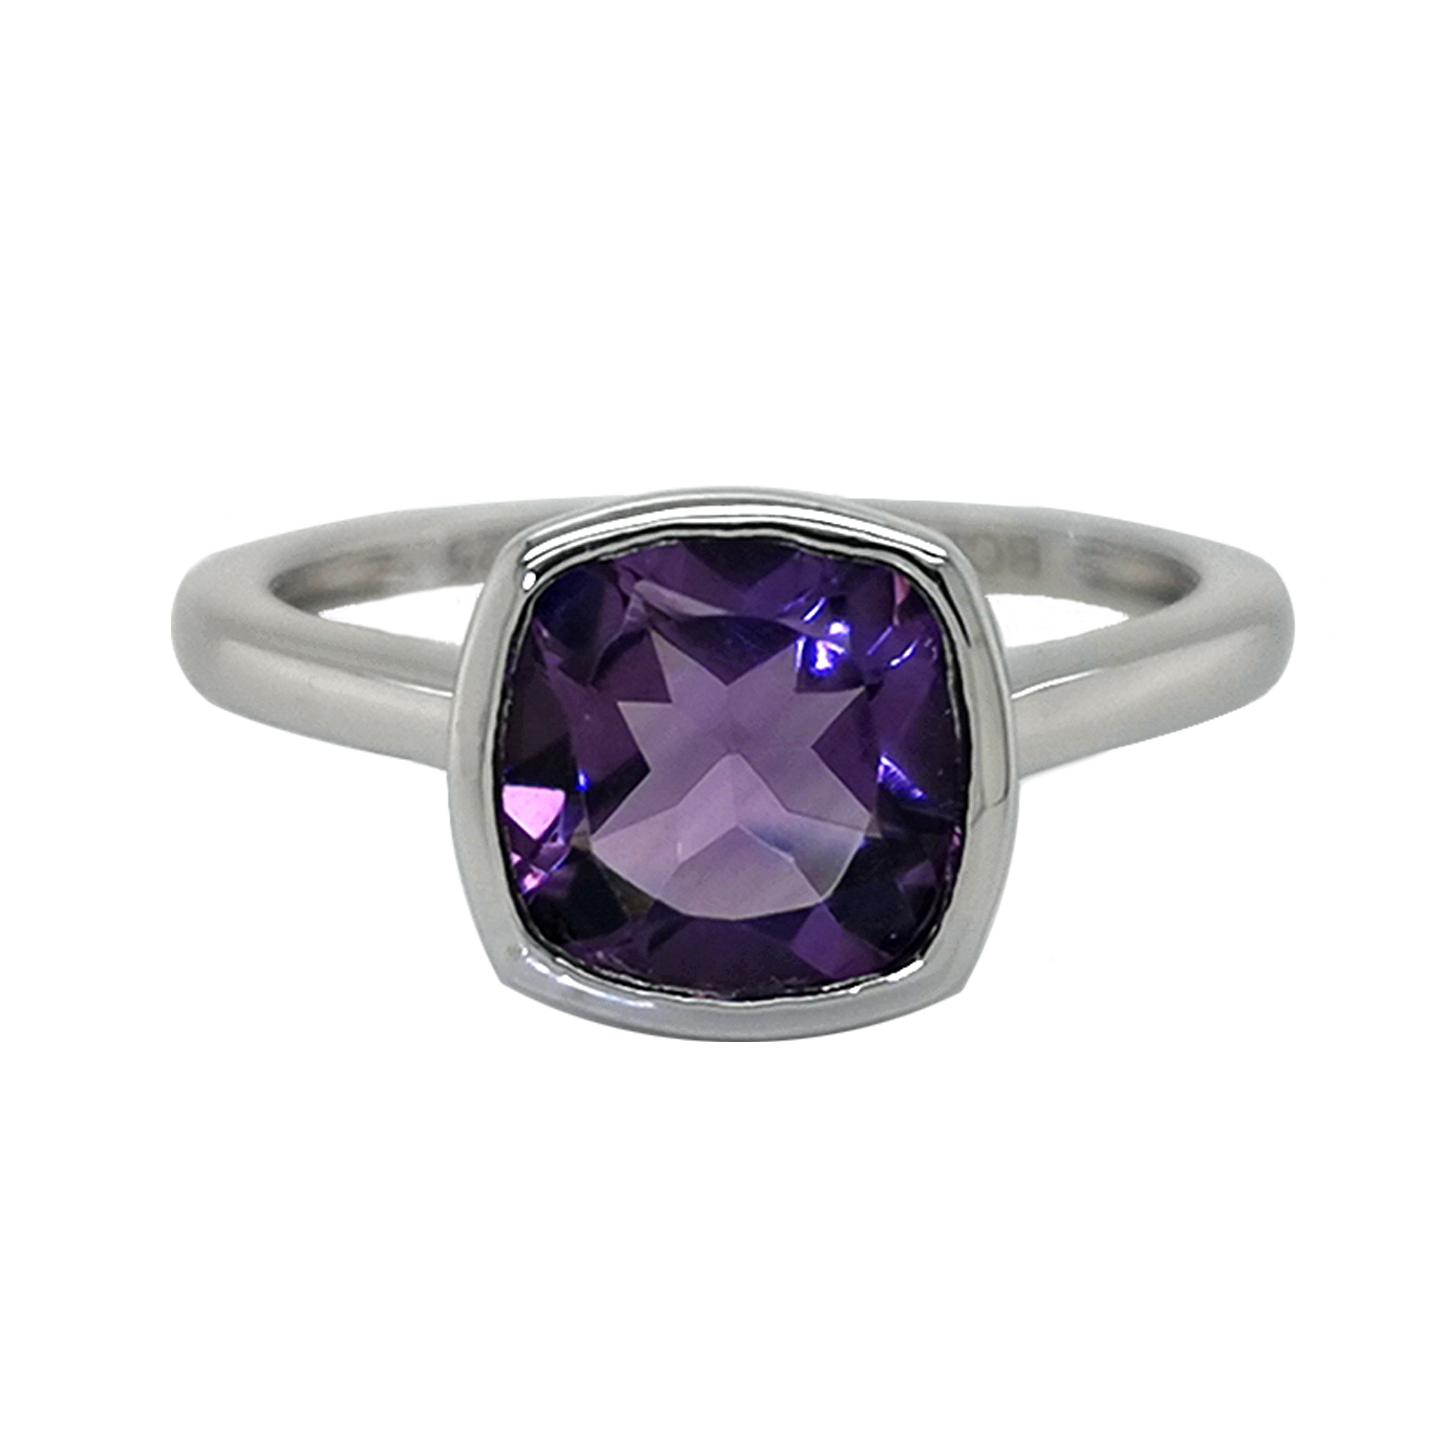 Ring mit Amethyst violett, Antikschliff, ca. 2,1 ct, Zargenfassung